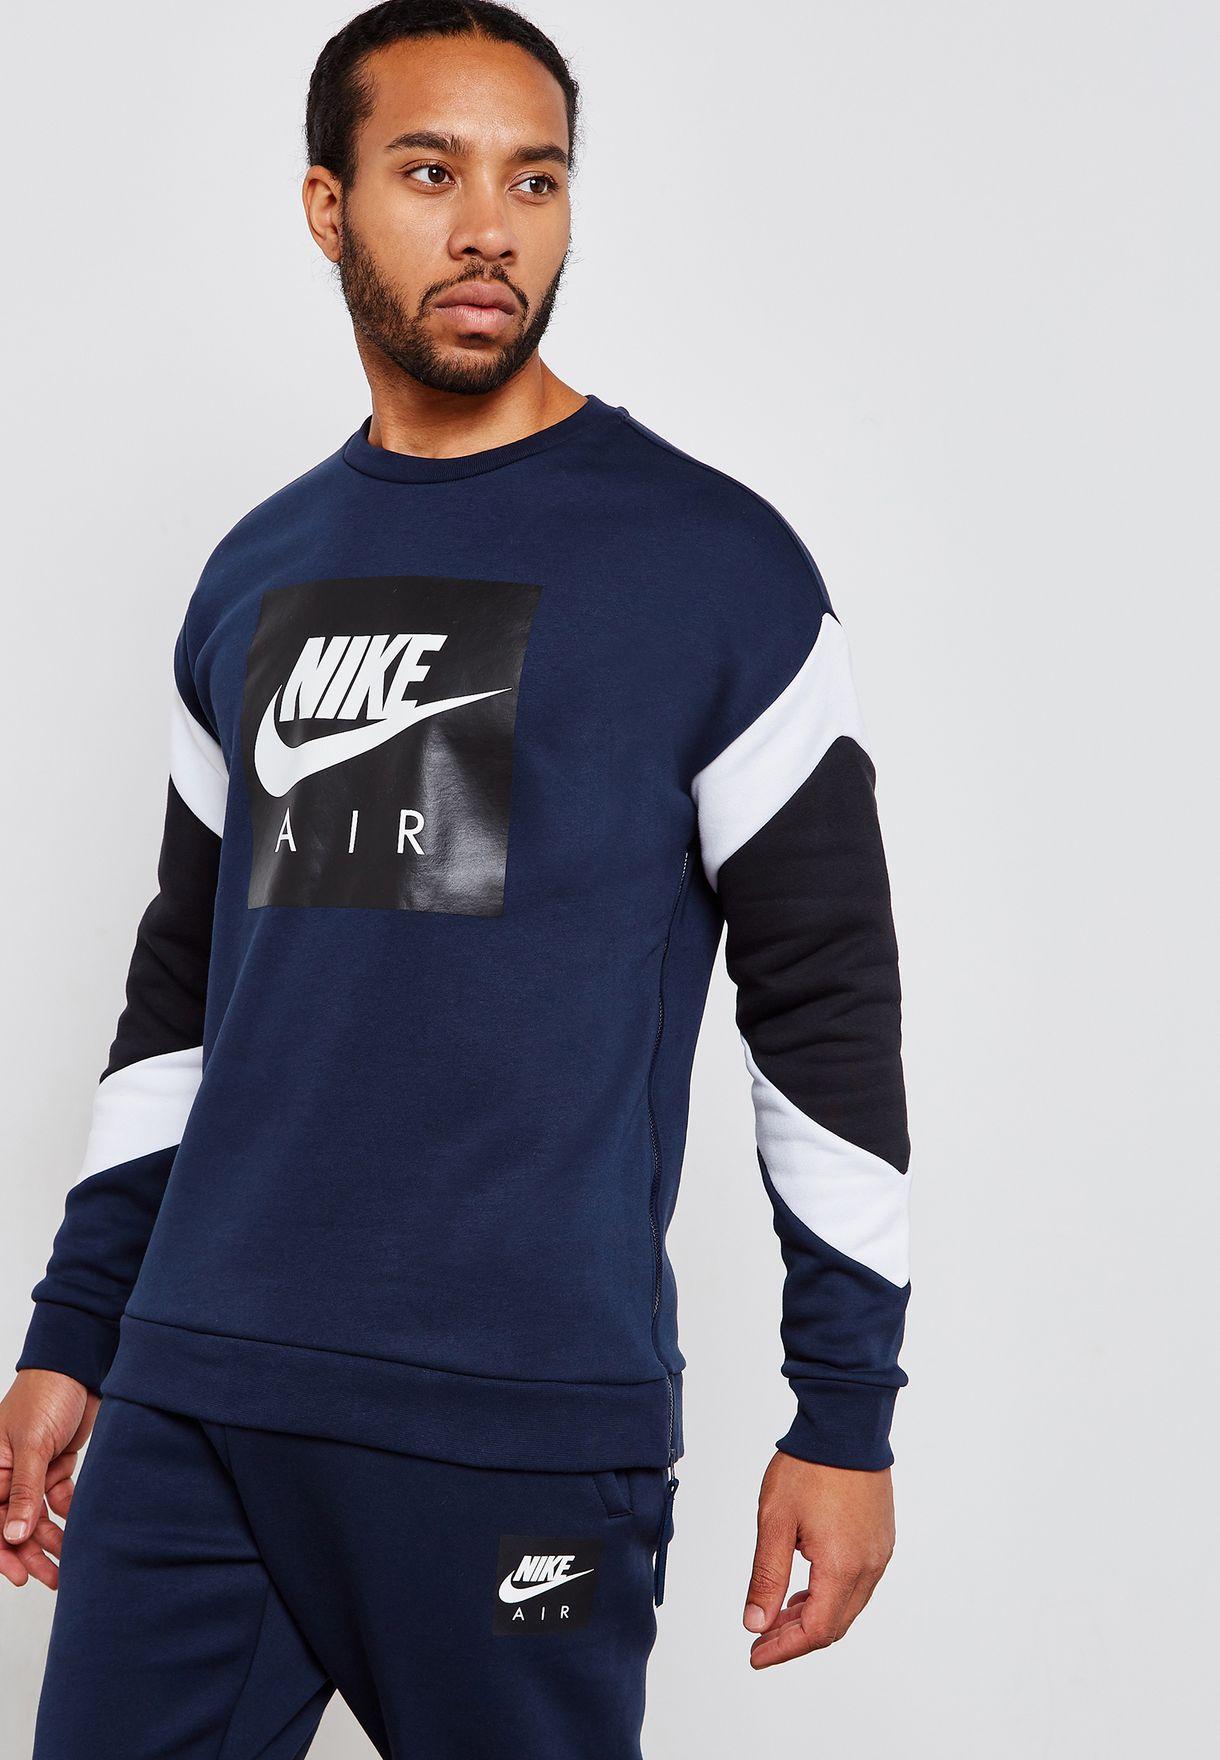 Buy Nike Navy Air Fleece Sweatshirt for Men in Mena